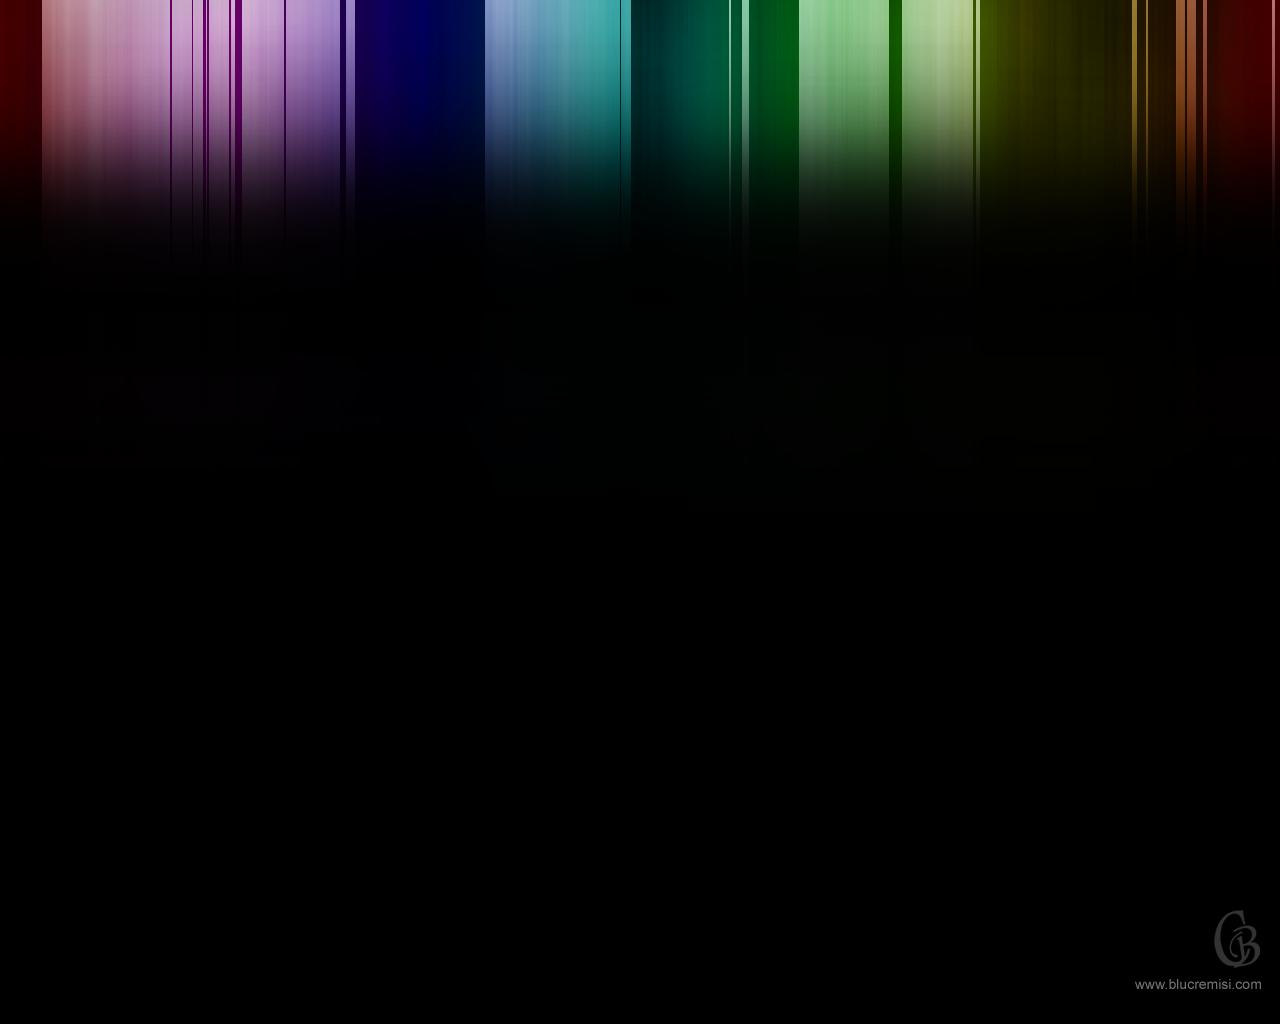 http://1.bp.blogspot.com/-hQY_S3x2GDE/TayrEGnBaAI/AAAAAAAAHN4/F6Dq56rI1Sw/s1600/dark-wallpaper-3.png